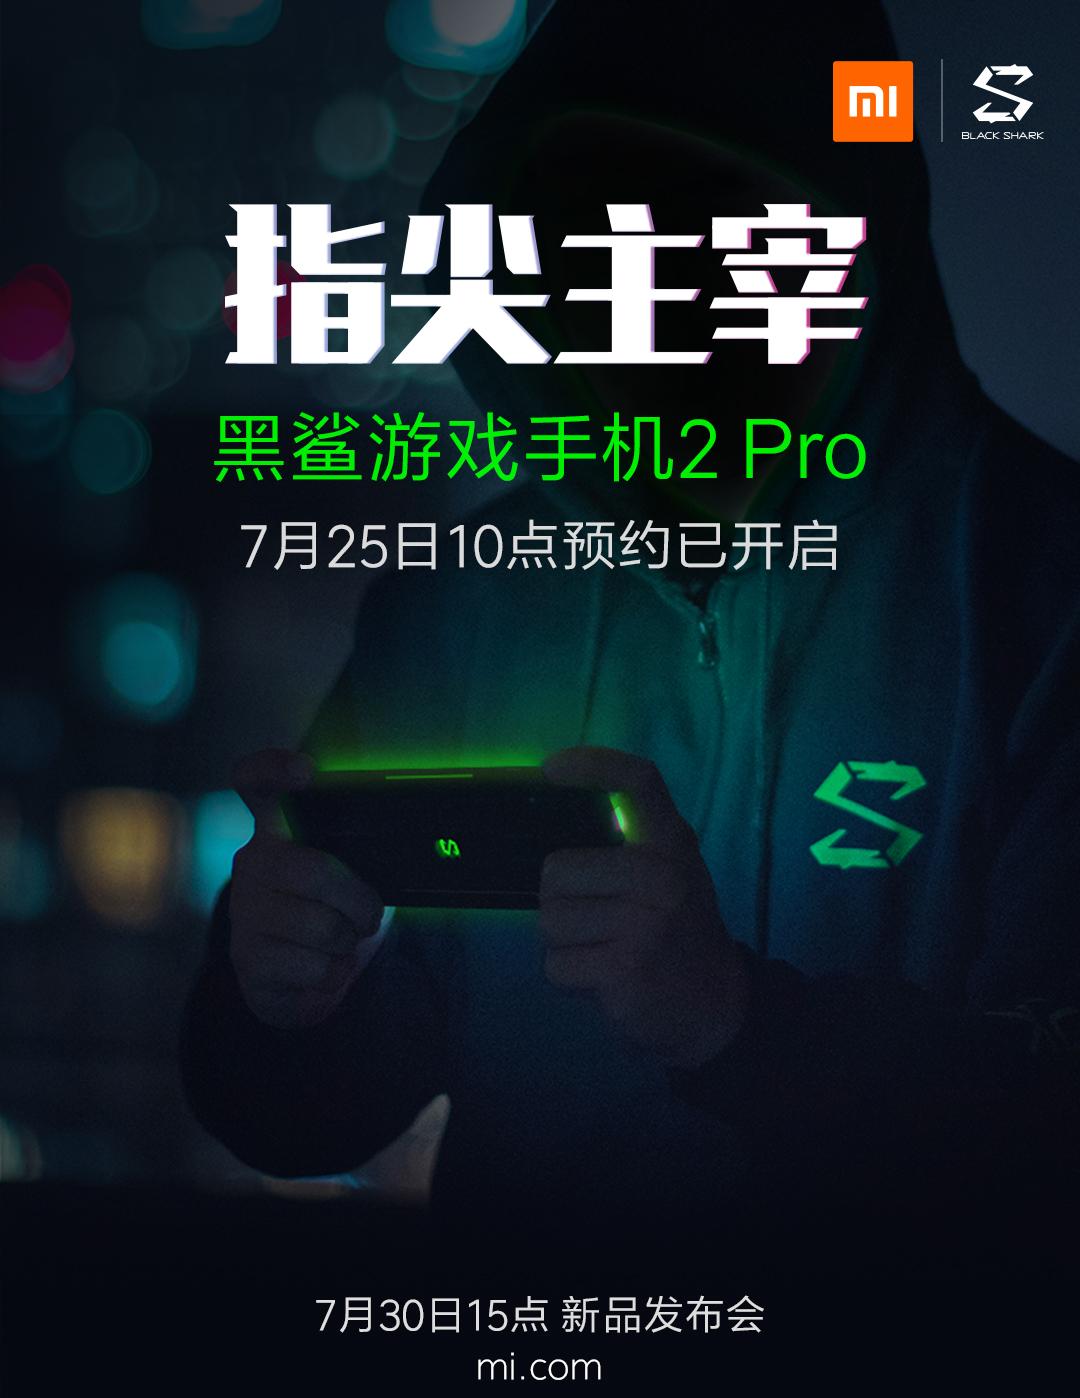 黑鲨游戏手机2 Pro开启预约:下周见